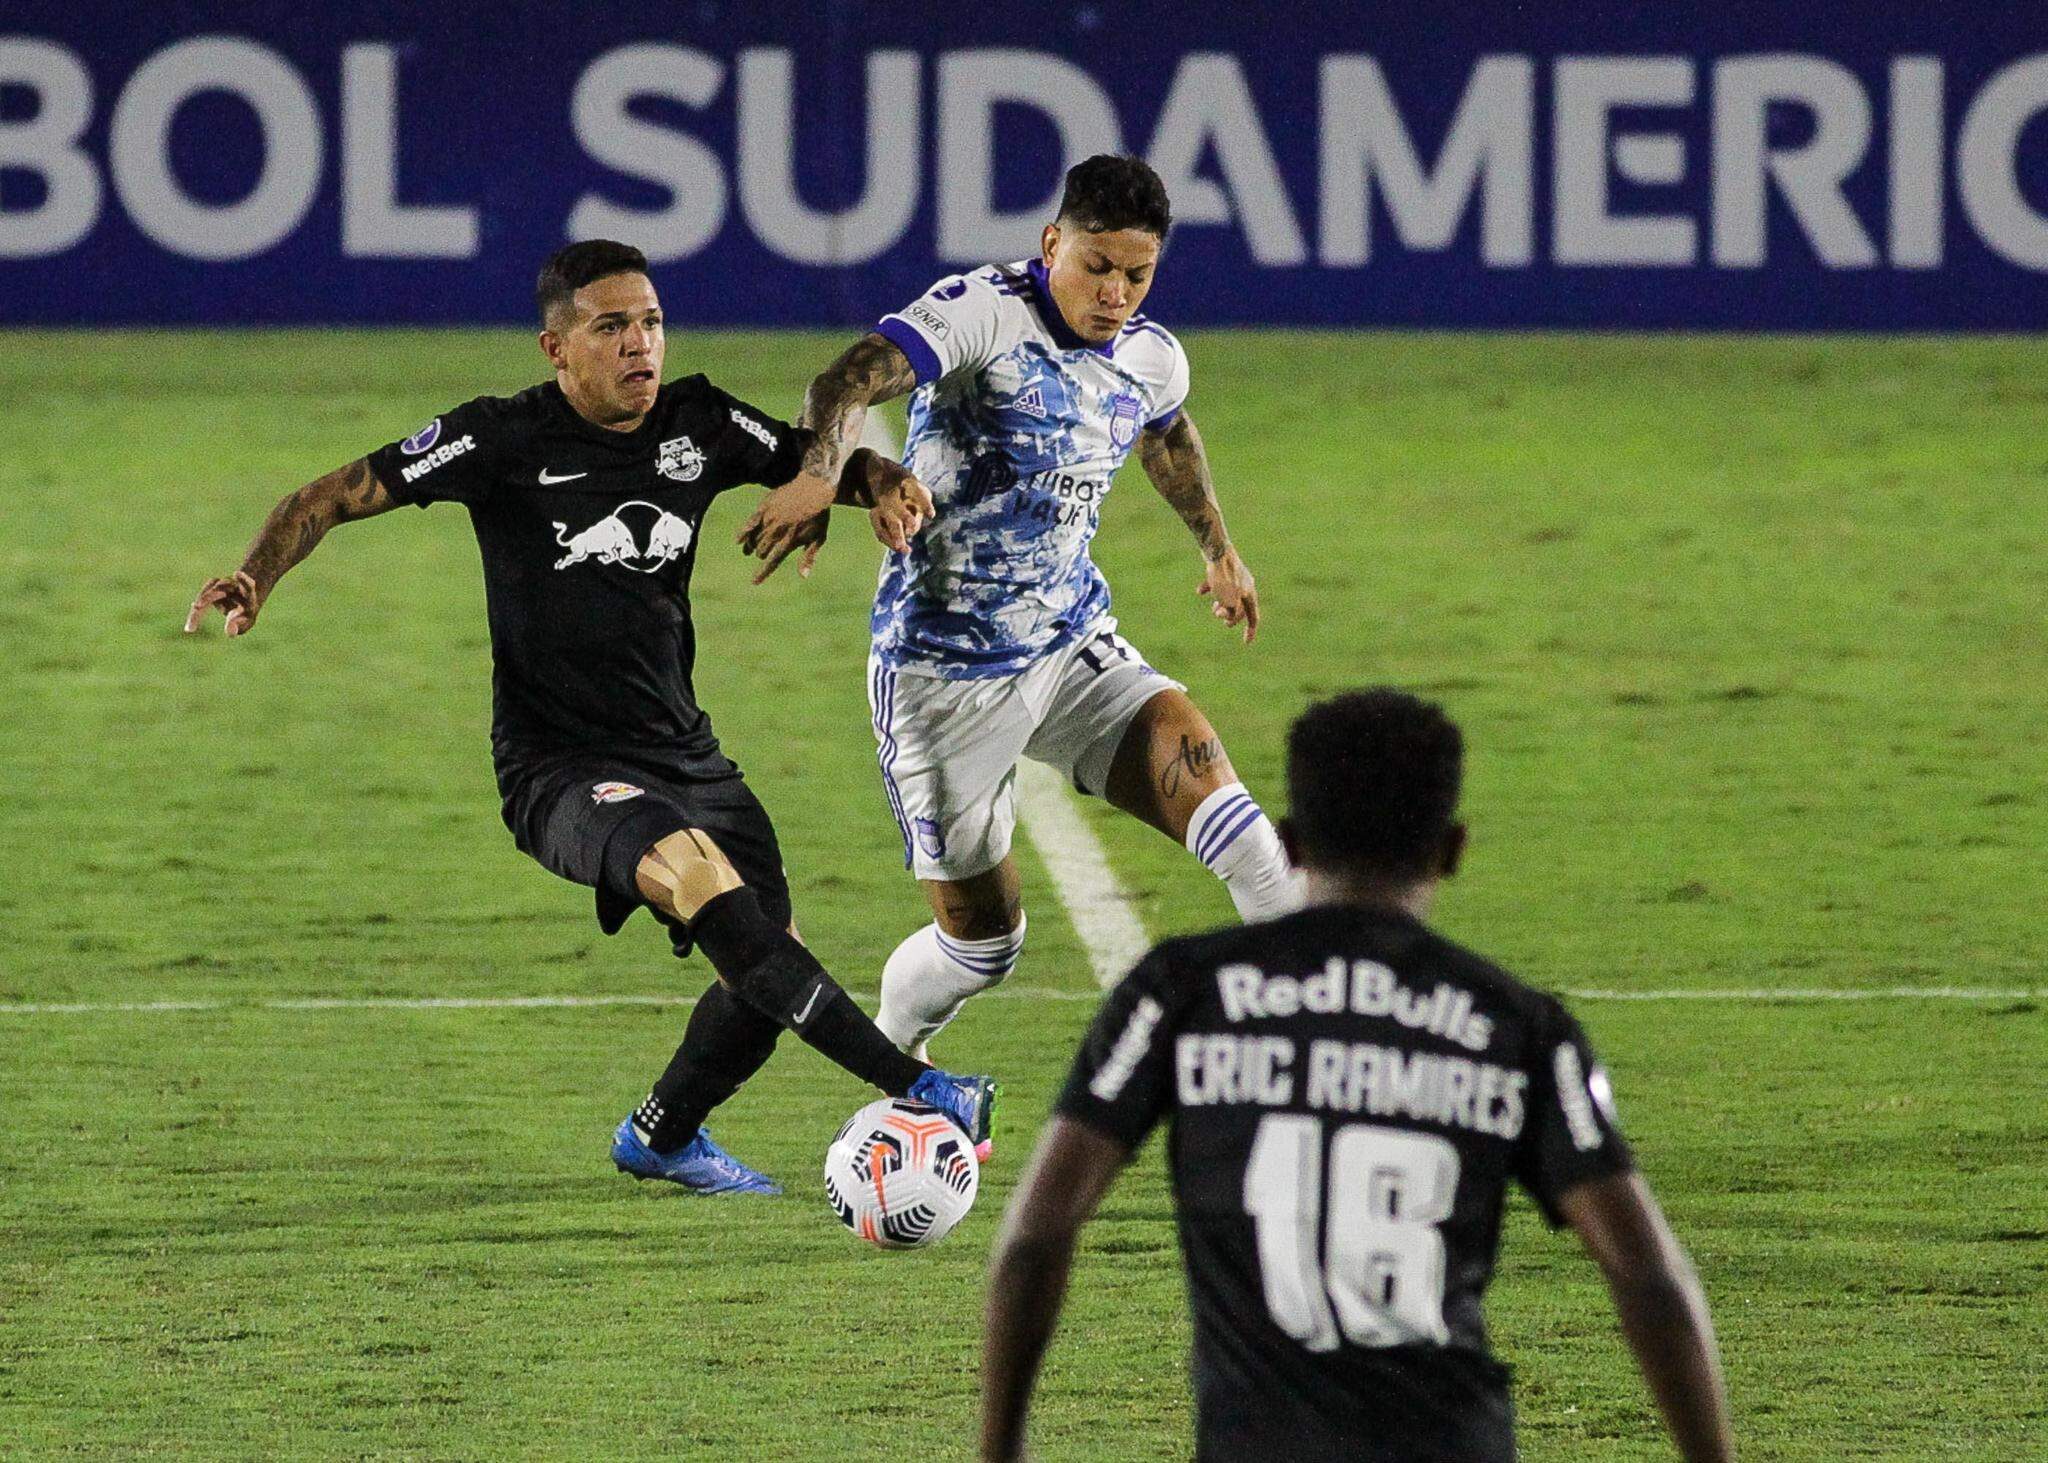 Lance durante partida entre RB Bragantino e Emelec, válido pela Copa Sul Americana, realizada na cidade de Bragança Paulista, SP, nesta terça feira, 11. (Foto: Estadão Conteúdo)